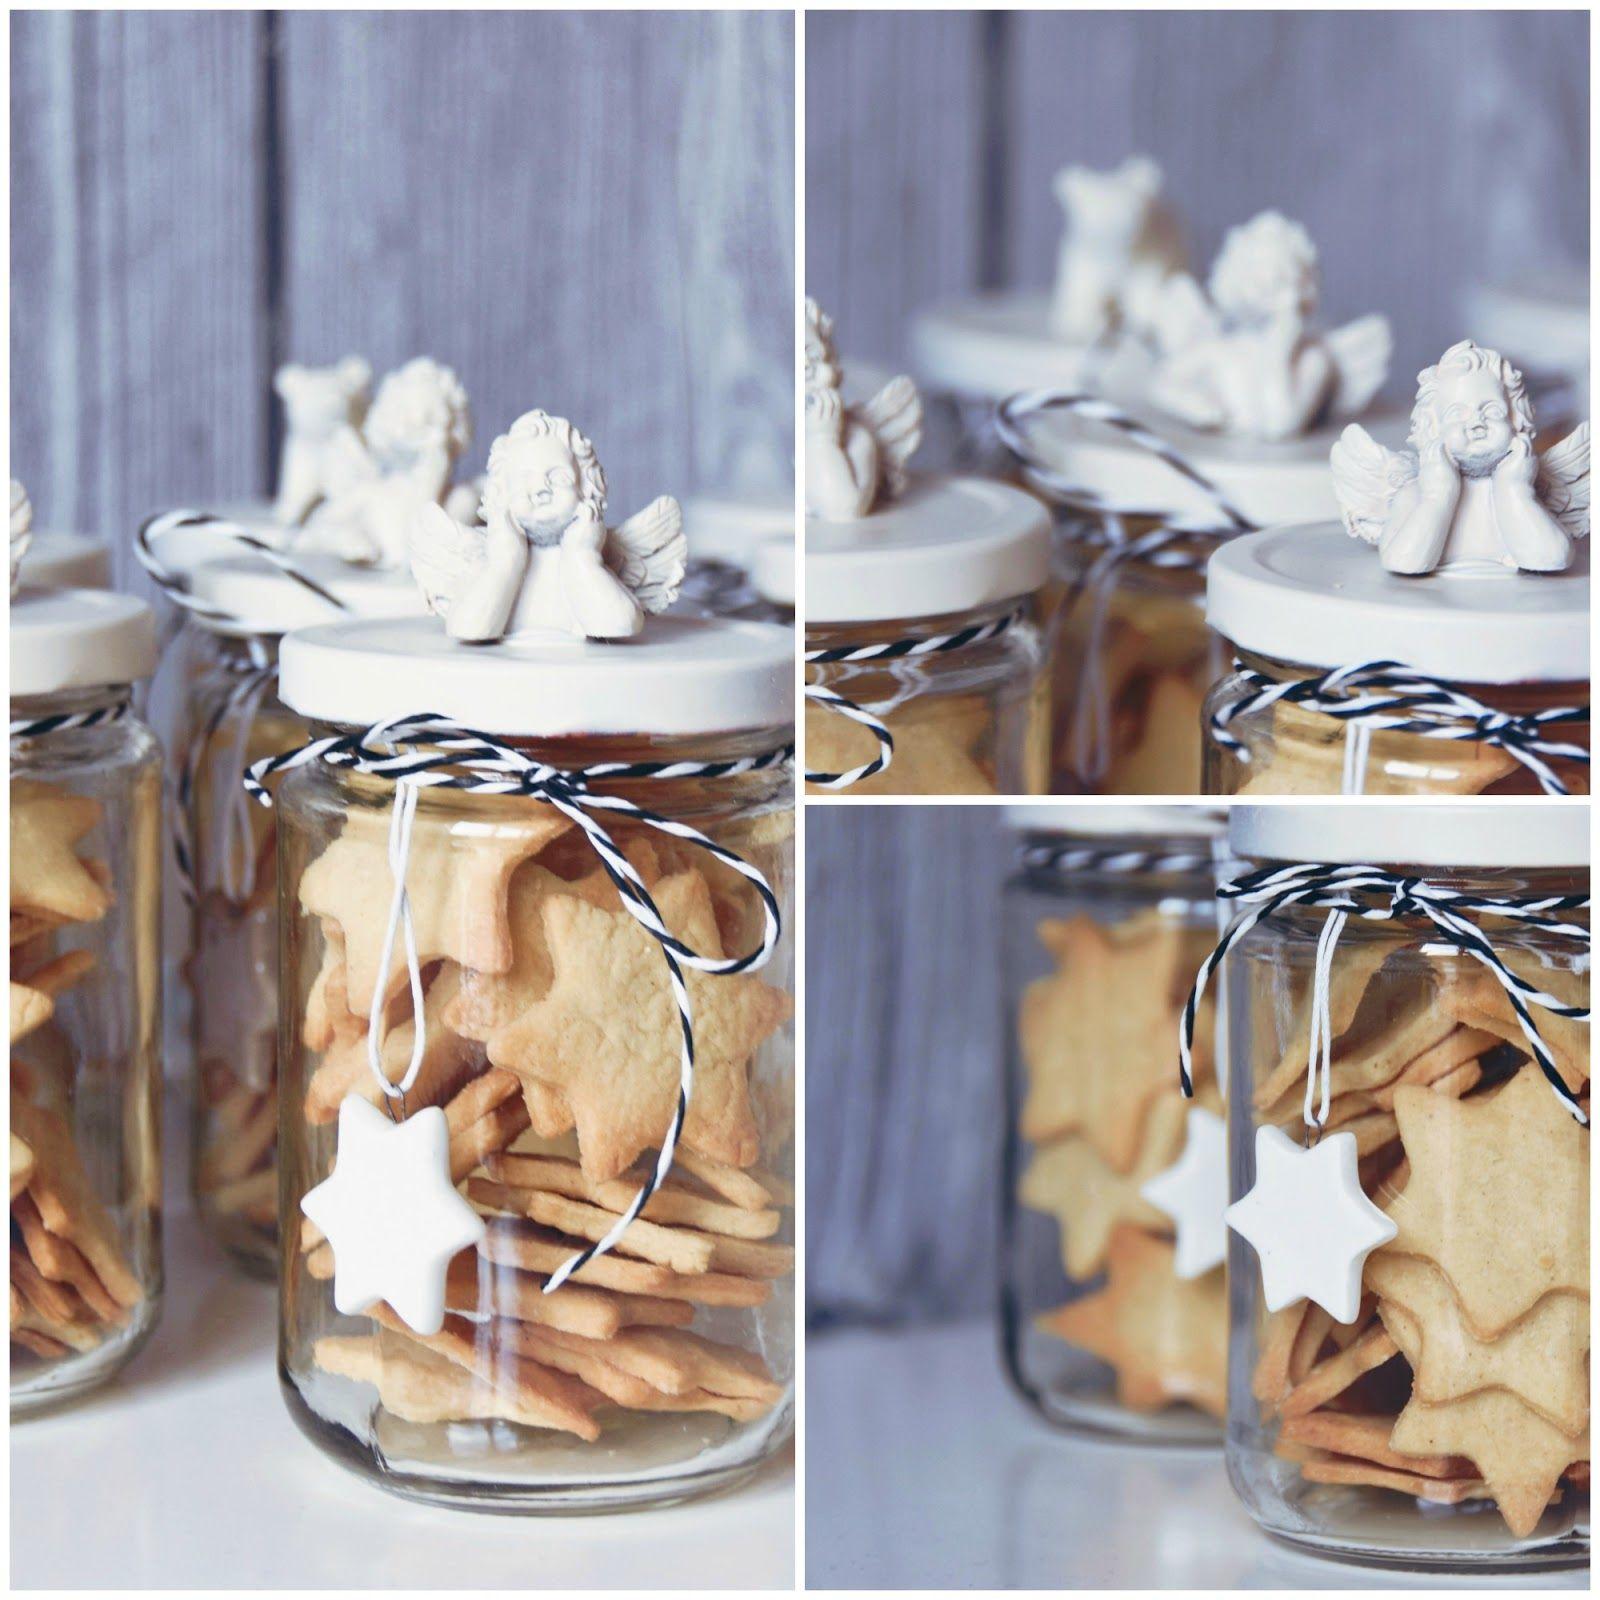 keksglas diy keks geschenke diy geschenke weihnachten und geschenke weihnachten